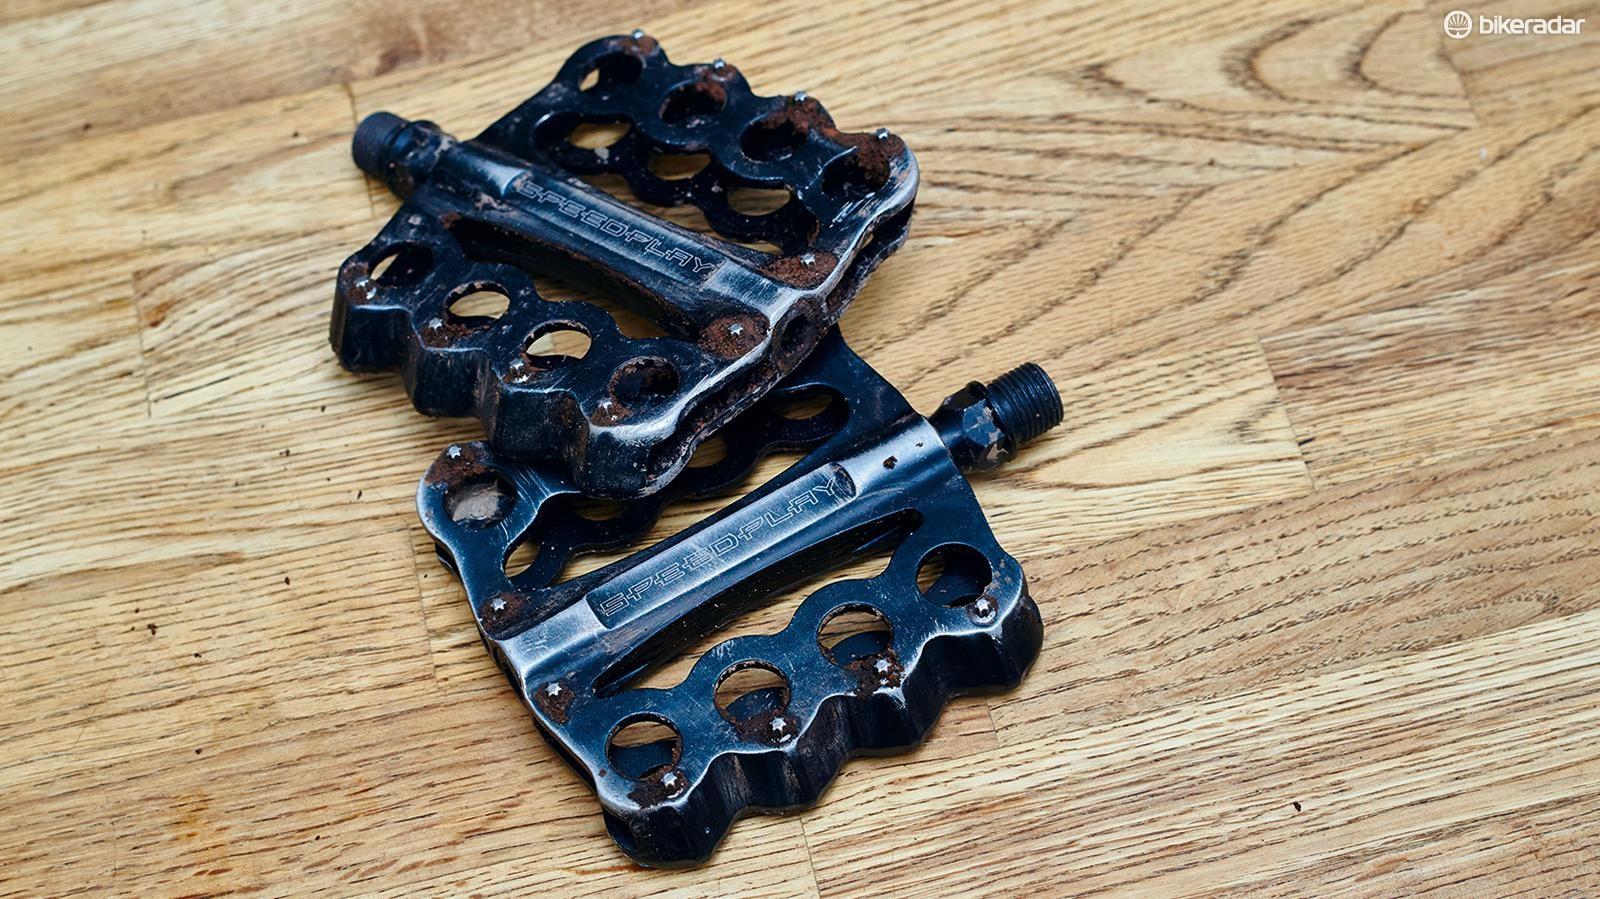 Speedplay Brass Knuckle pedals